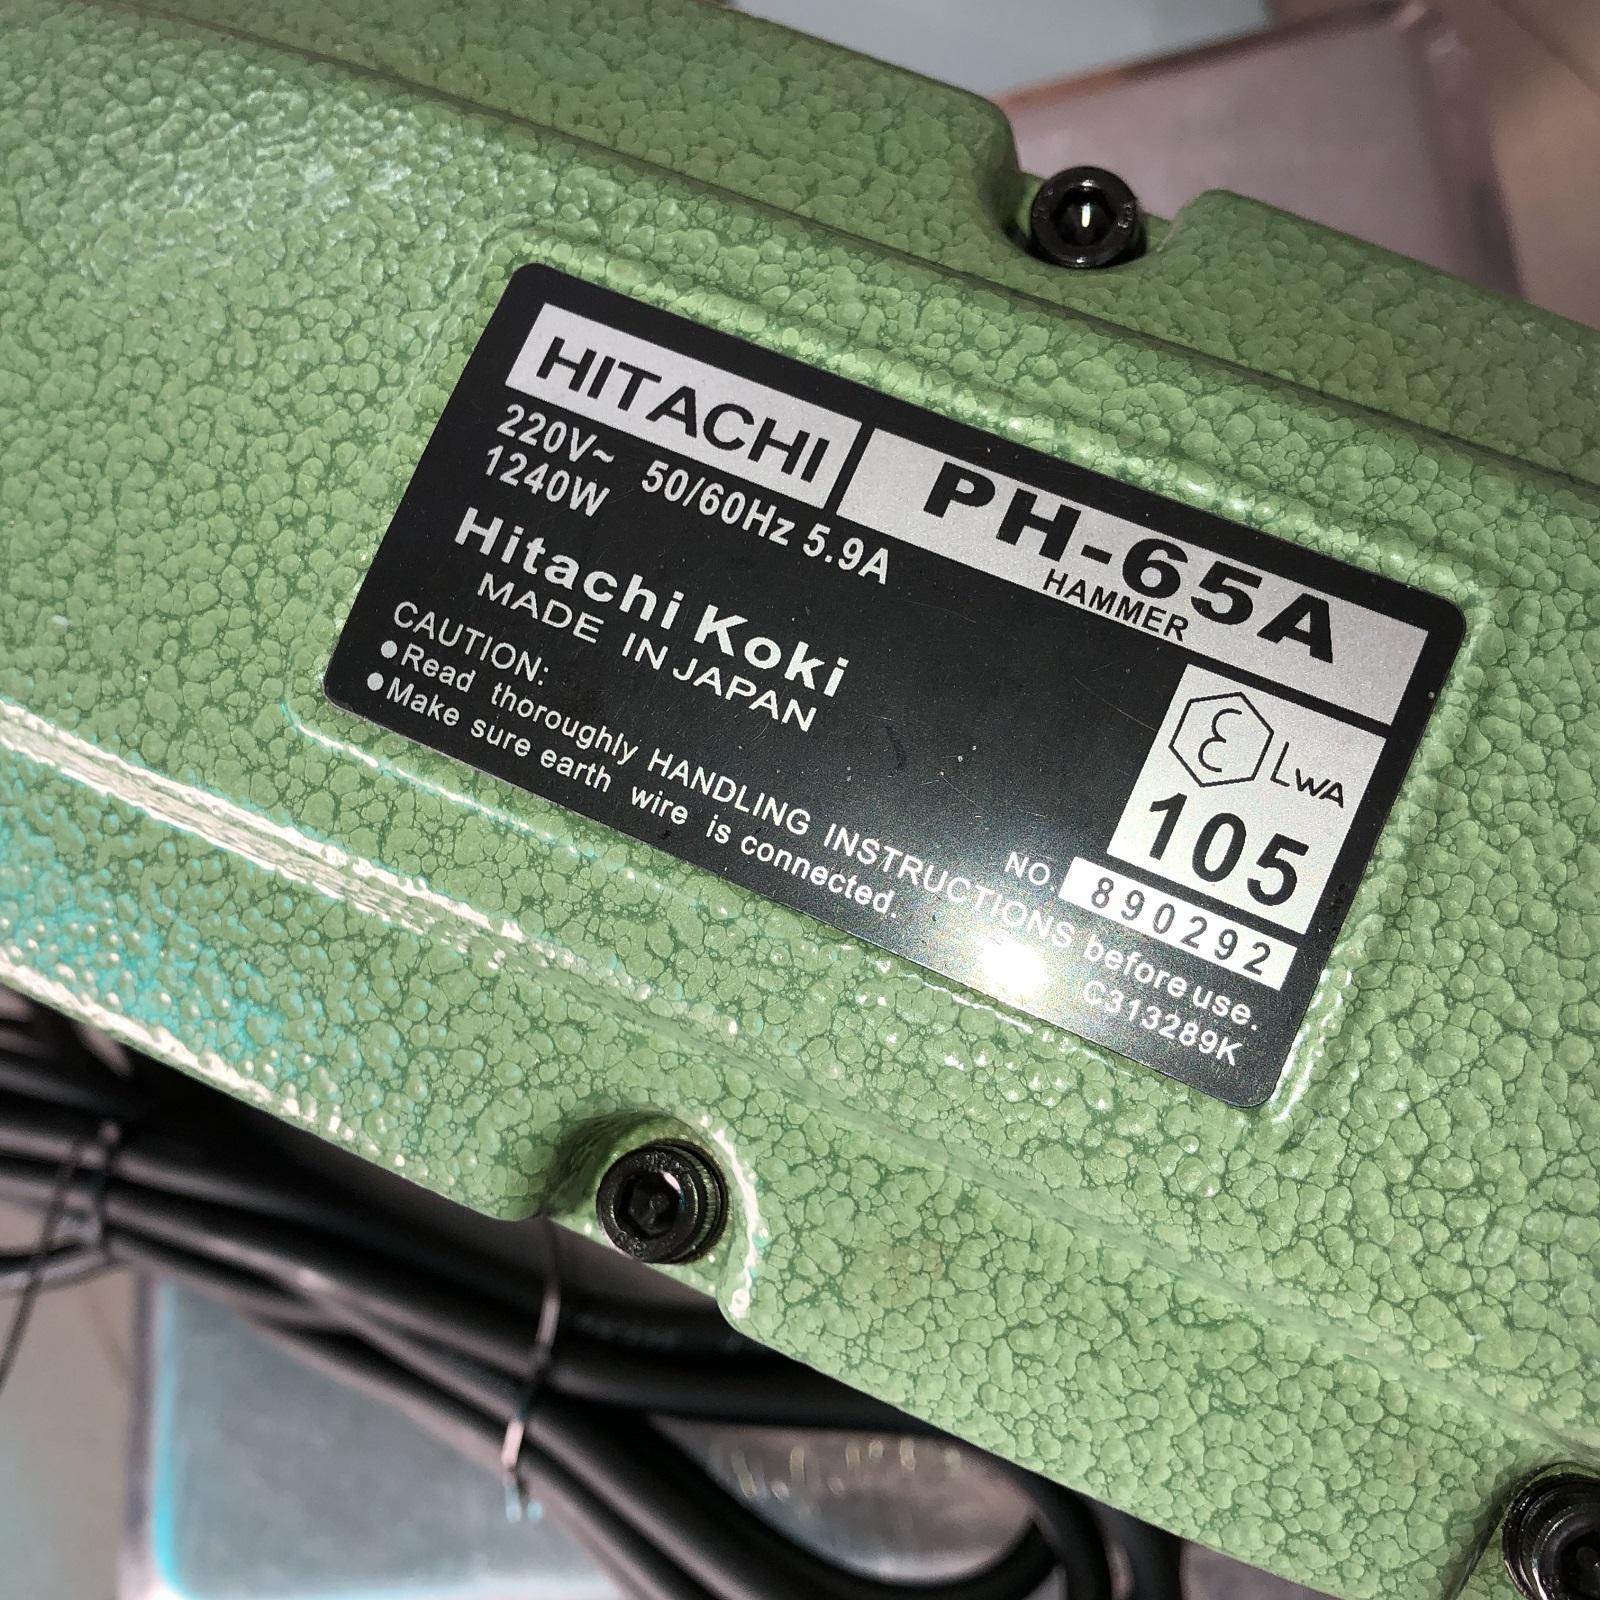 Máy đục bê tông Hitachi PH65A 30mm - Máy chuyên đục bê tông cỡ lớn